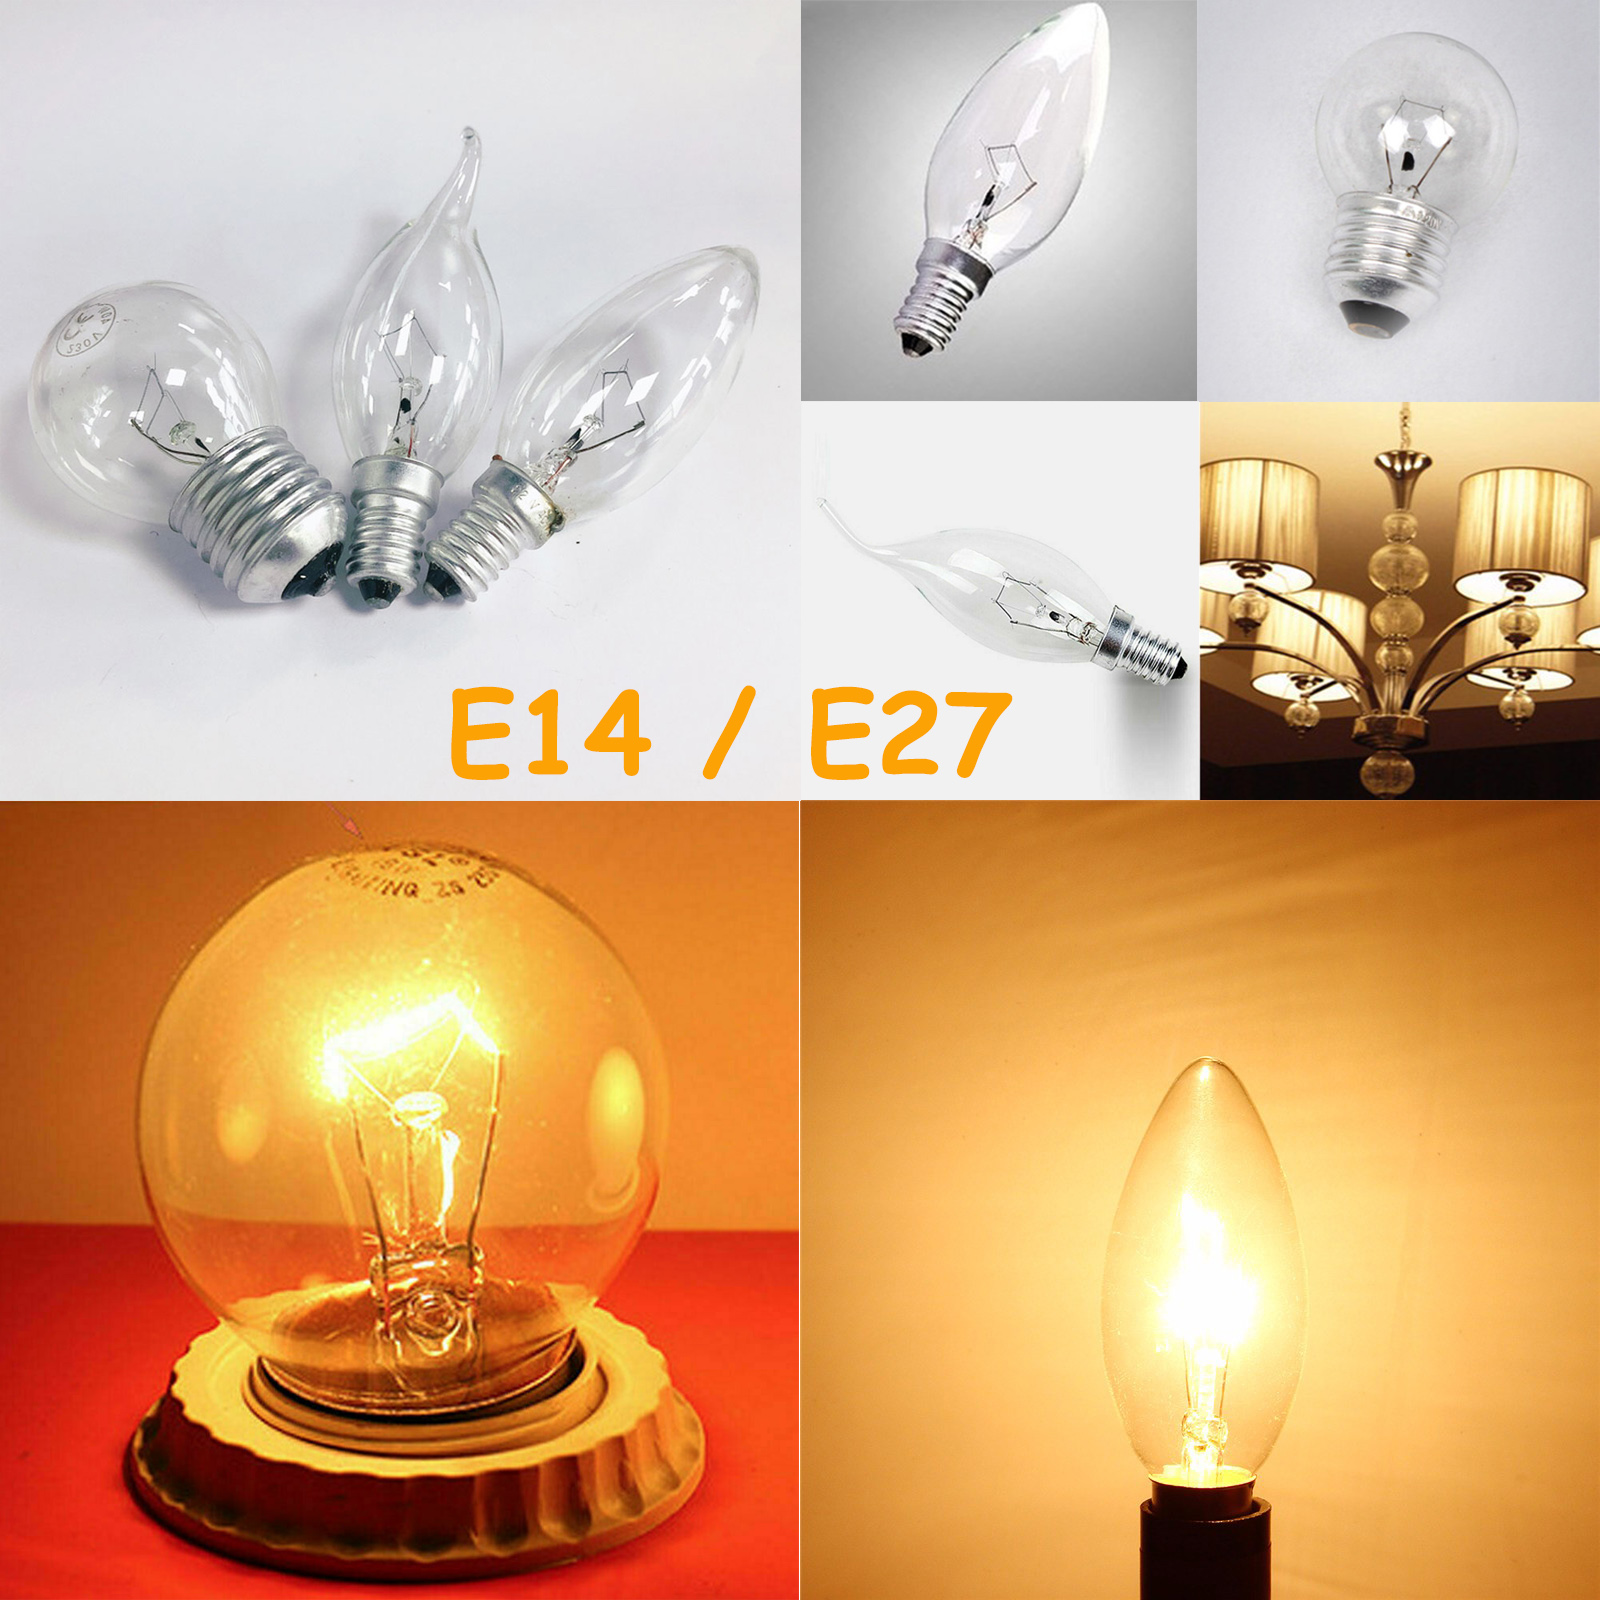 Details About E14 E27 Incandescent Light Bulb 25w 40w Retro Tungsten Filament Lamp Soft White